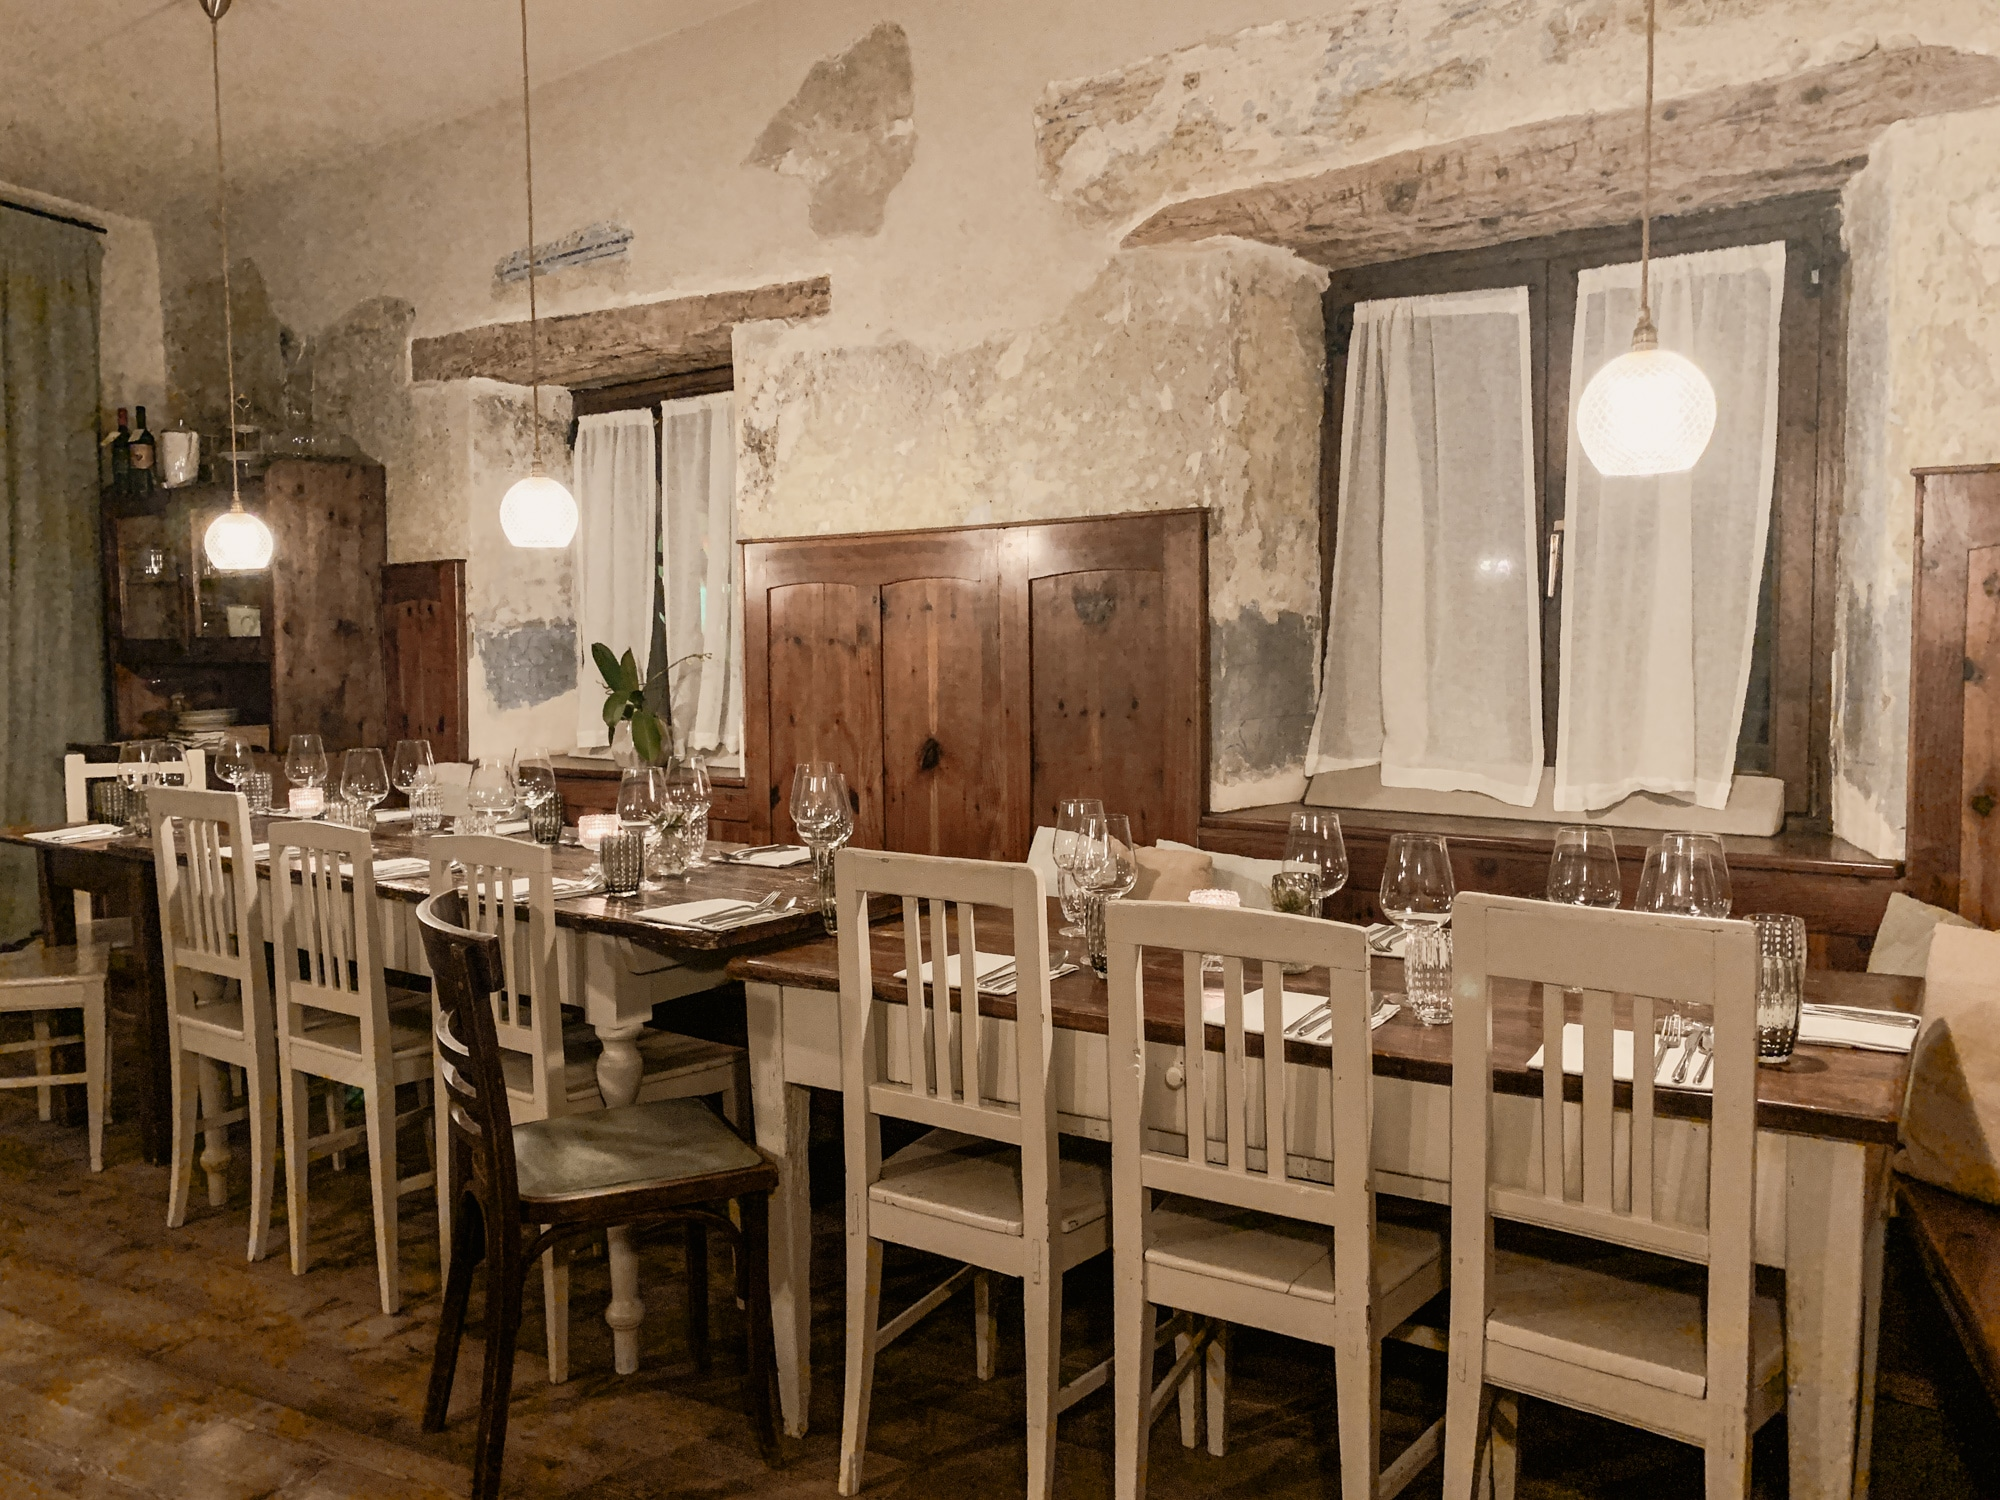 Lana, Südtirol: Winterurlaub mit Skifahren, Wellness und leckerem Essen - Abendessen Reichhalter